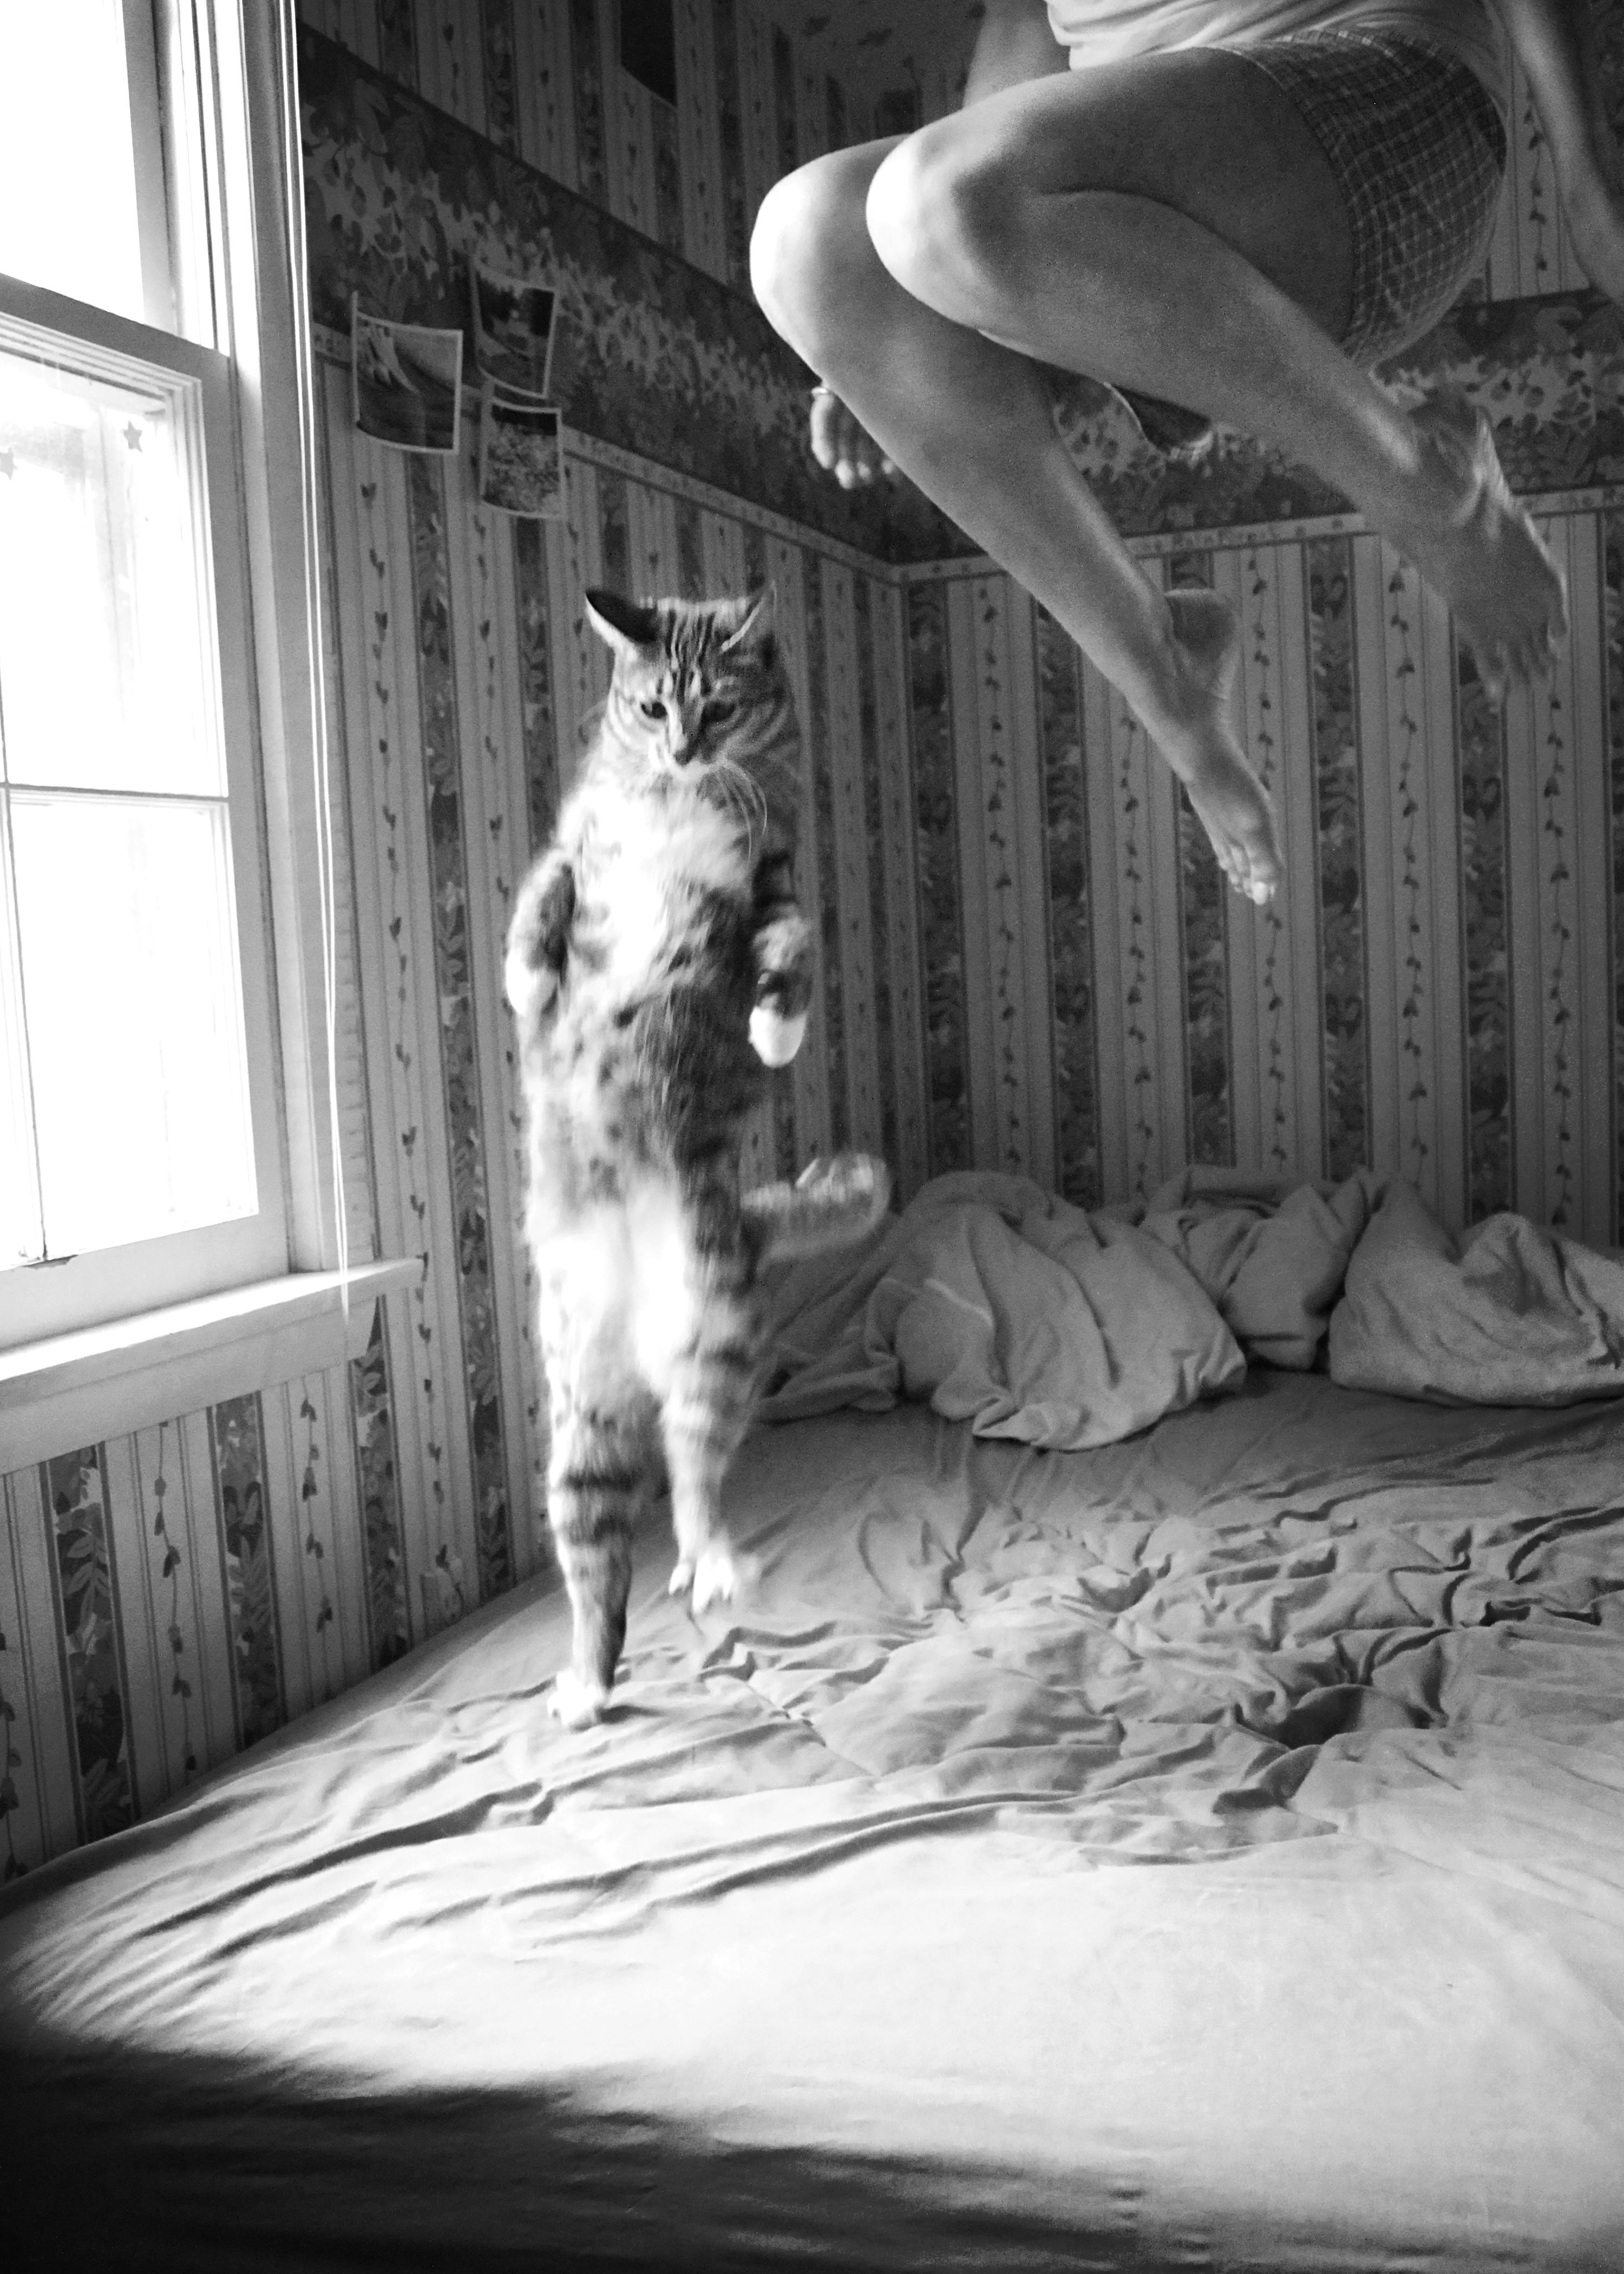 Смотреть как она прыгает на нем 12 фотография